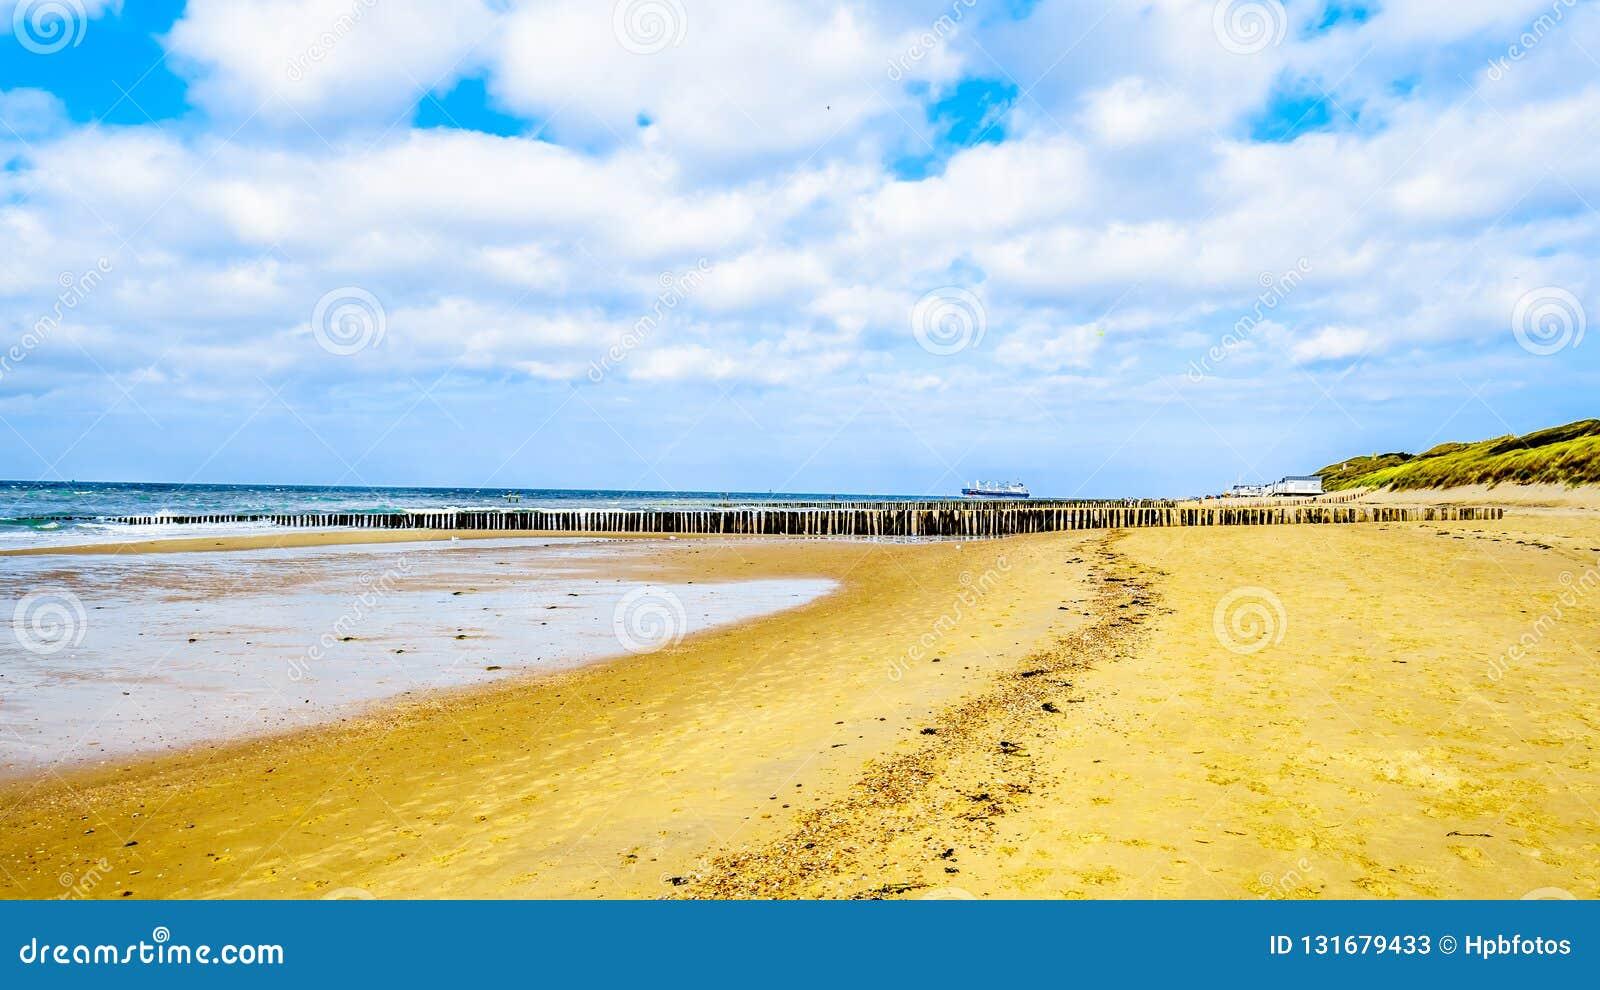 Praia no Mar do Norte e Westerschelde perto da cidade do porto de Vlissingen na província de Zeeland